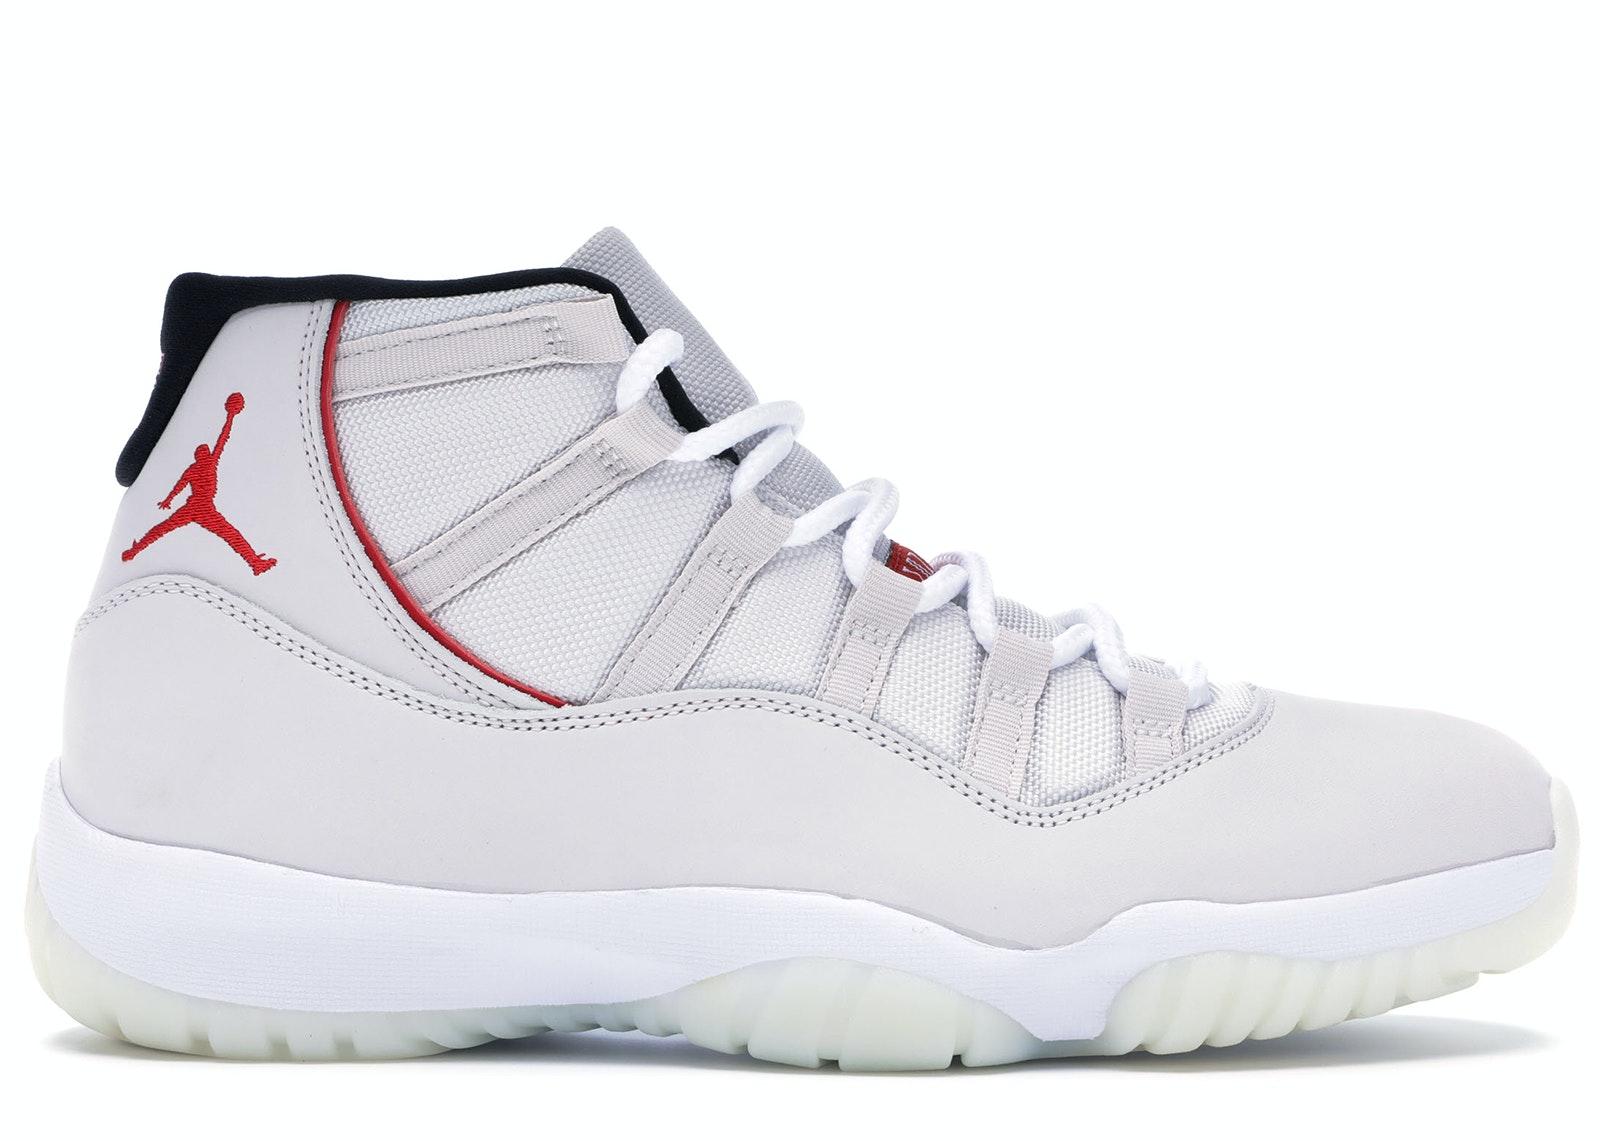 Jordan 11 Retro Platinum Tint